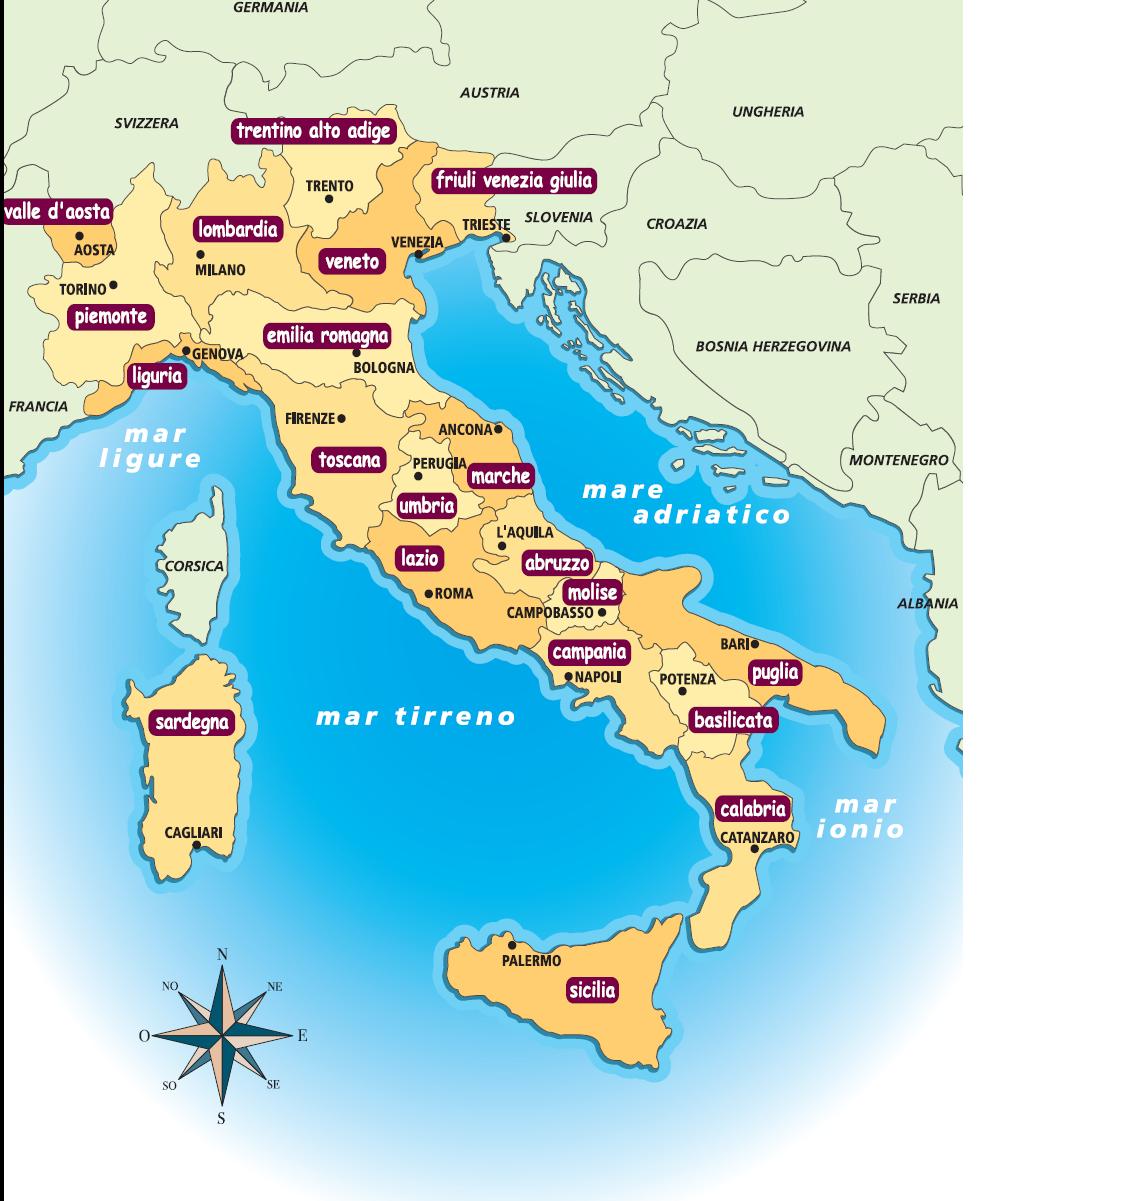 Cartina Italia Con Regioni E Capoluoghi.Ciao Italia Le Regioni E I Capoluoghi Italiani